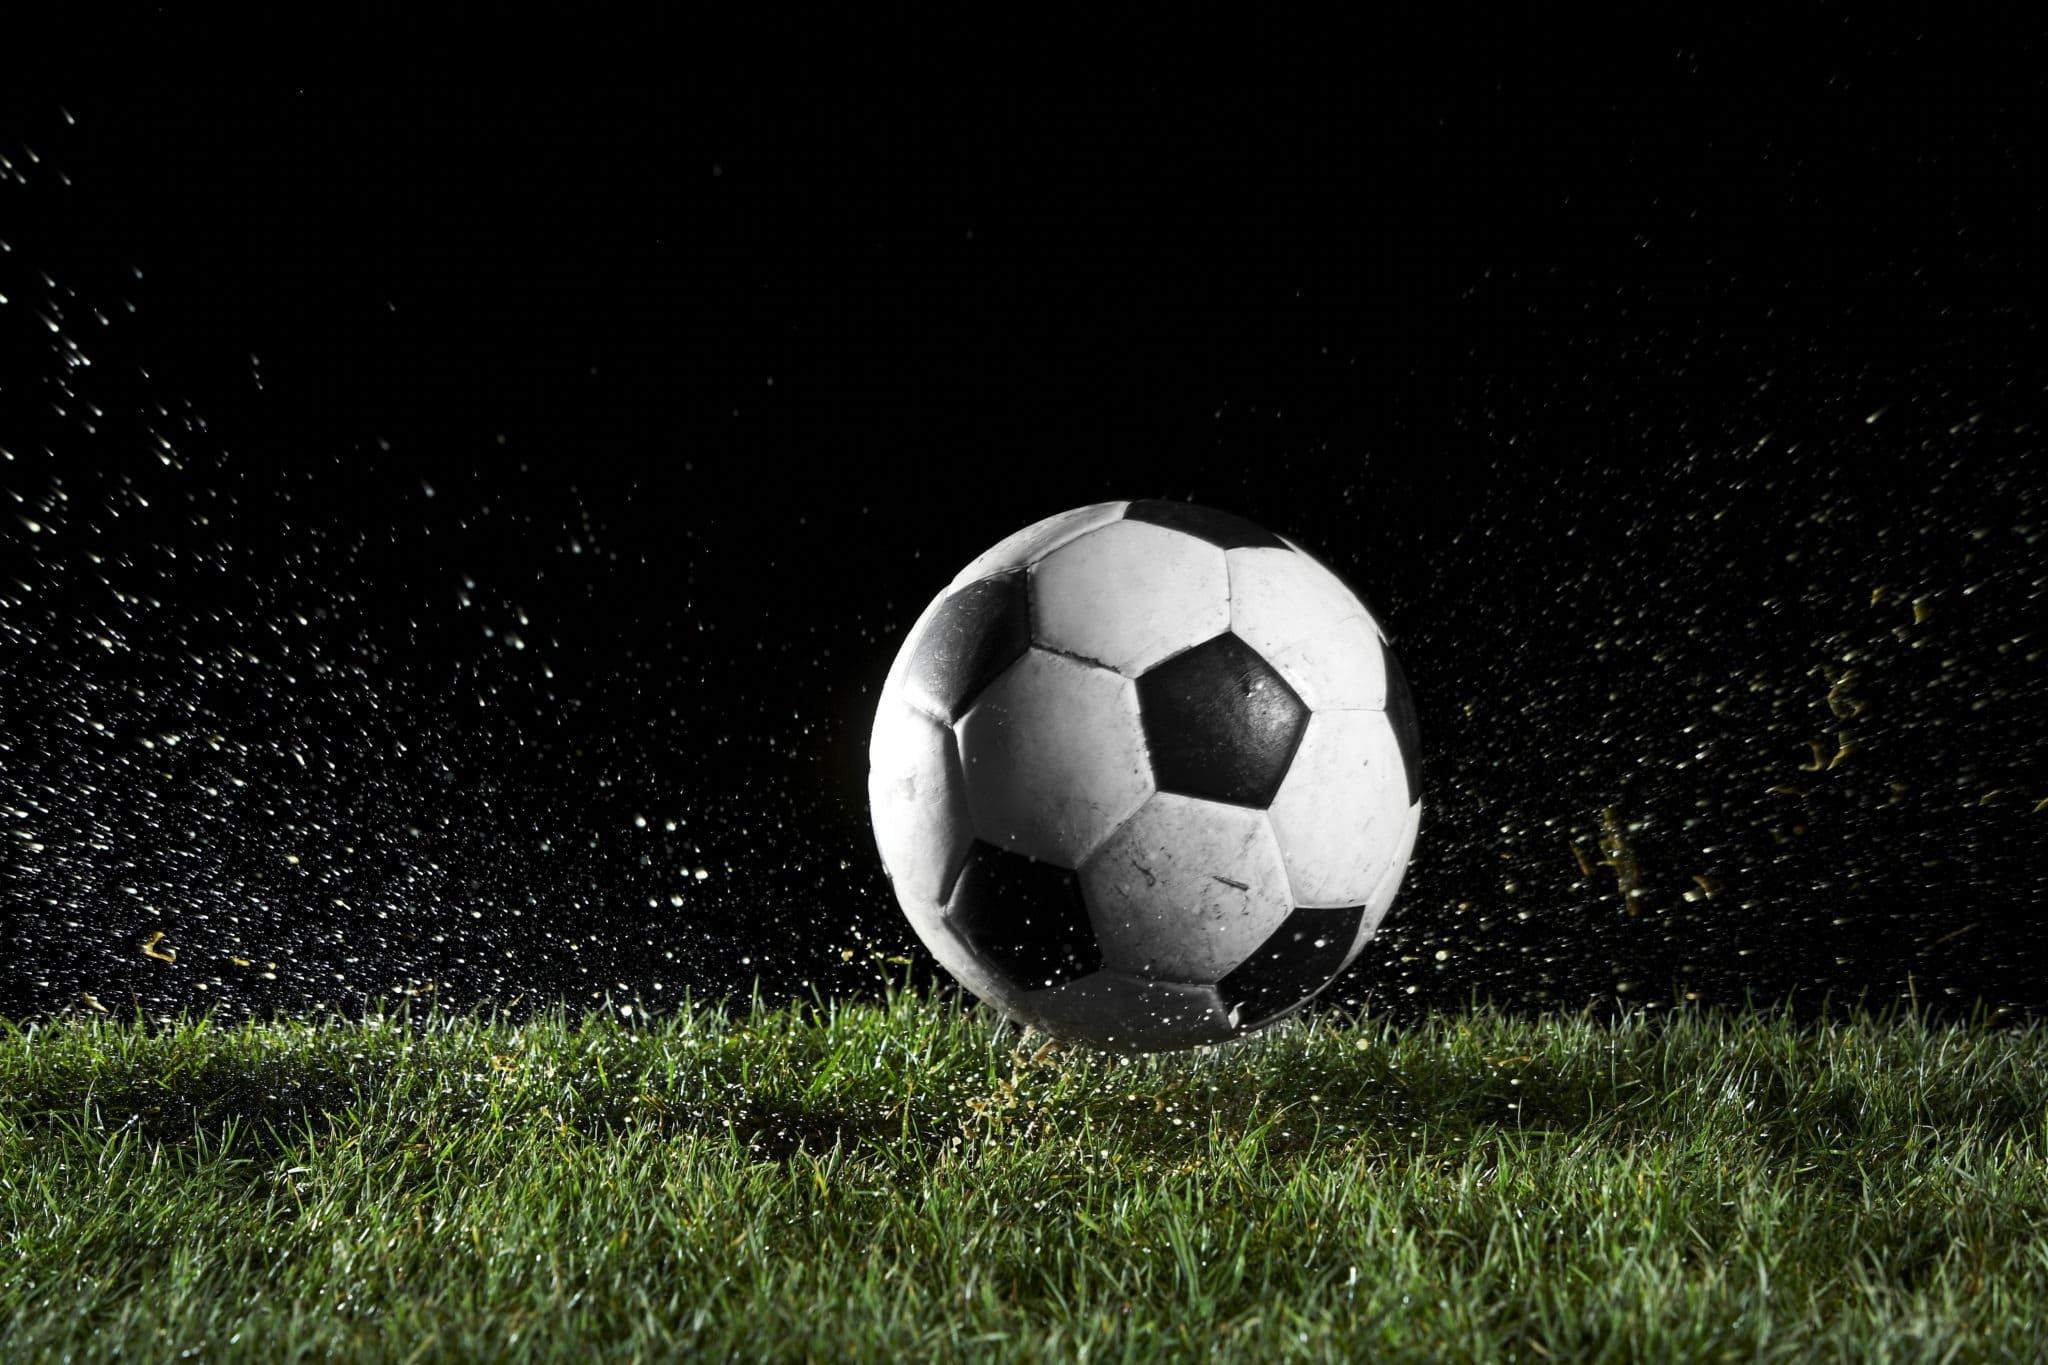 Spirituality in soccer